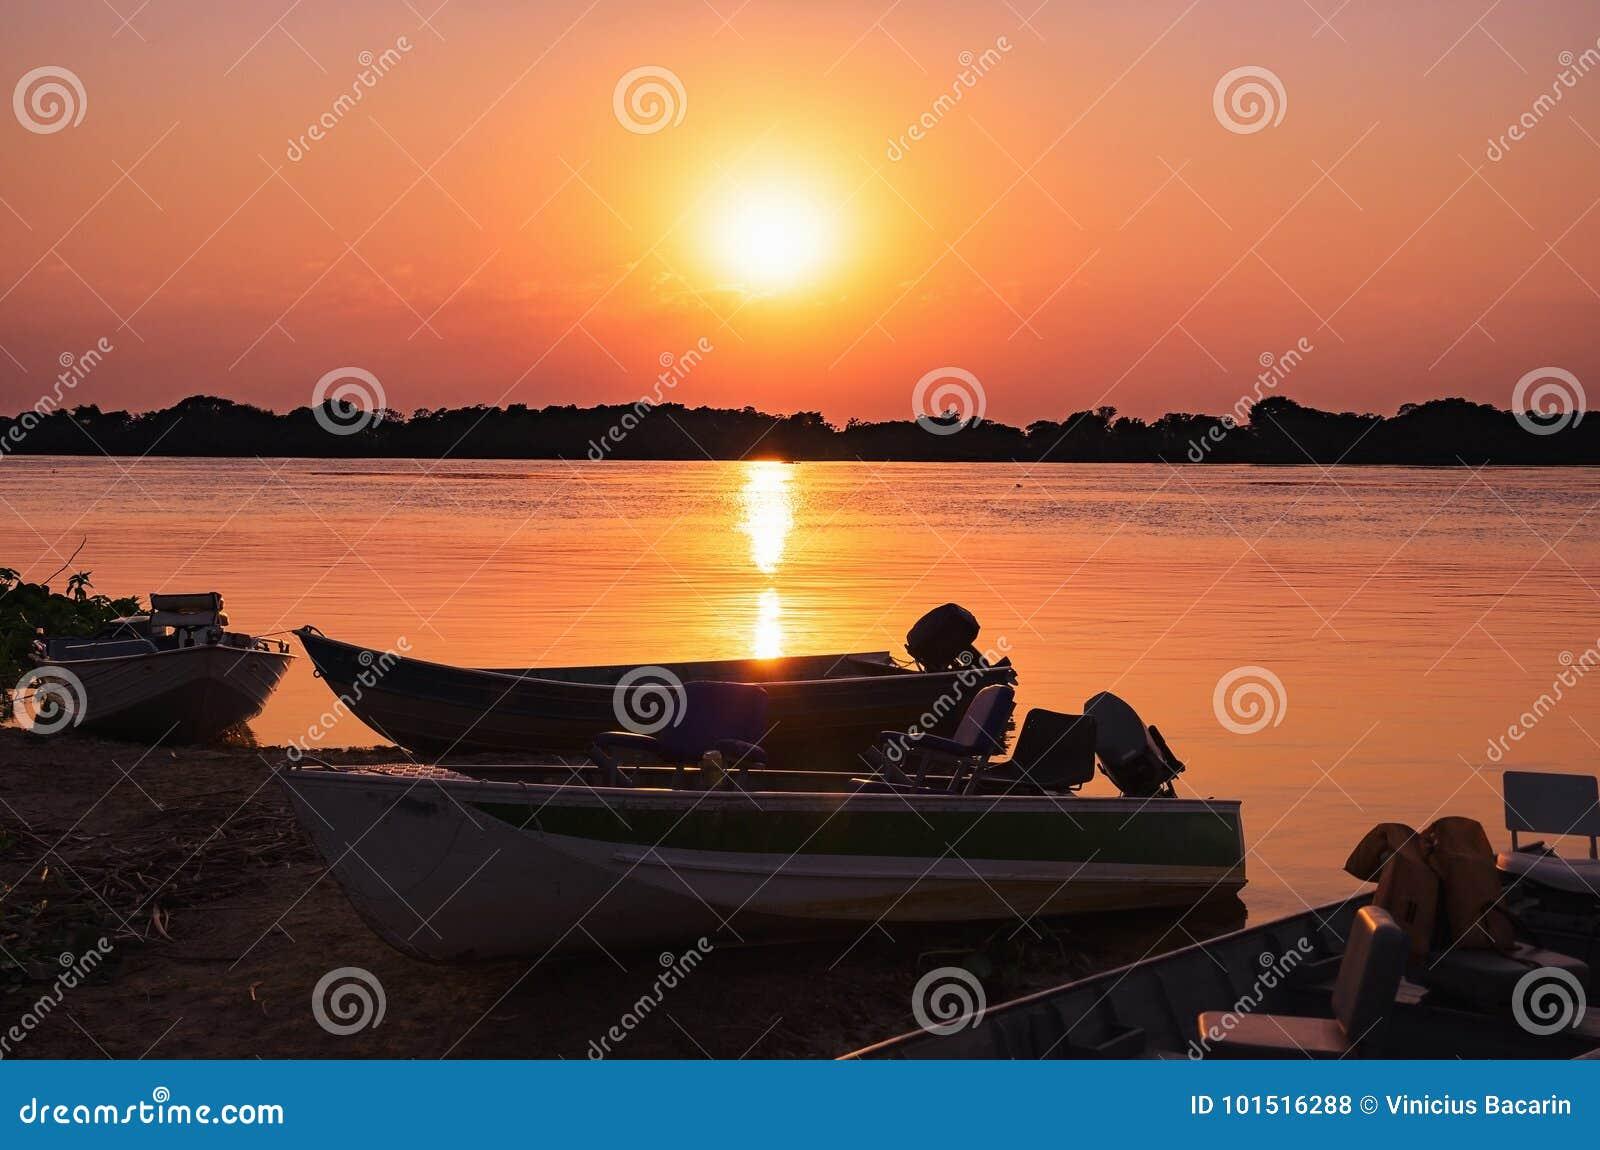 Cudowny krajobraz sylwetka łodzie na zadziwiającym zmierzchu